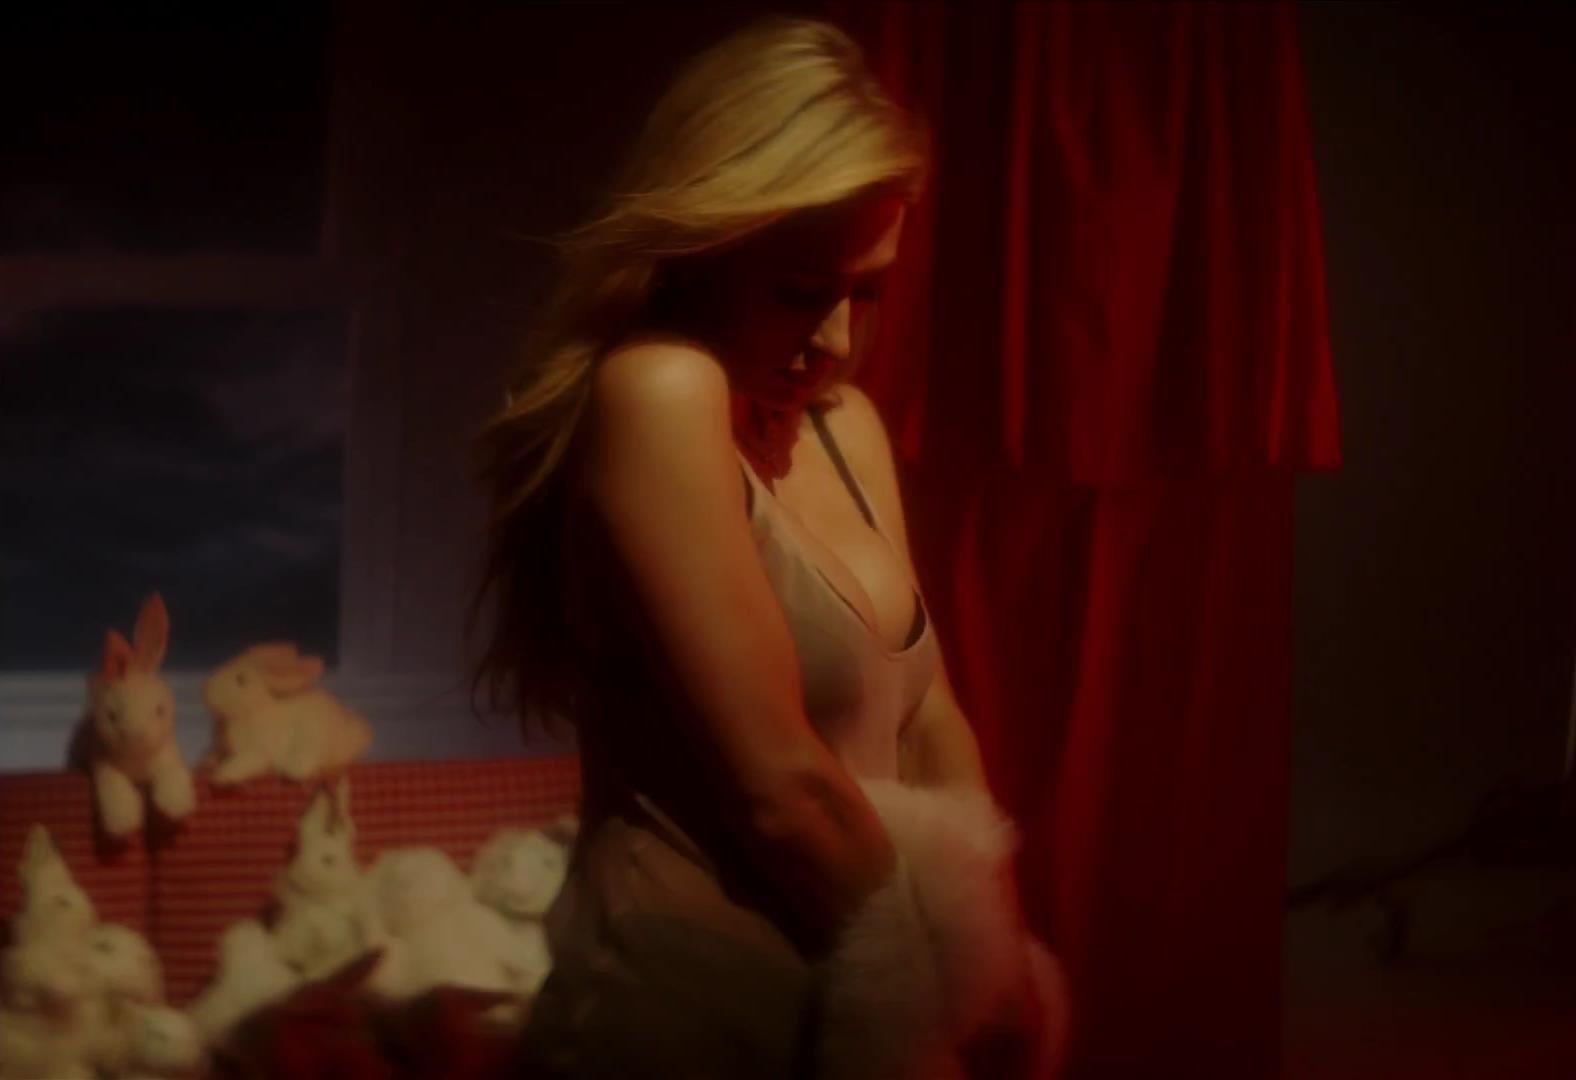 paris hilton sex video online free